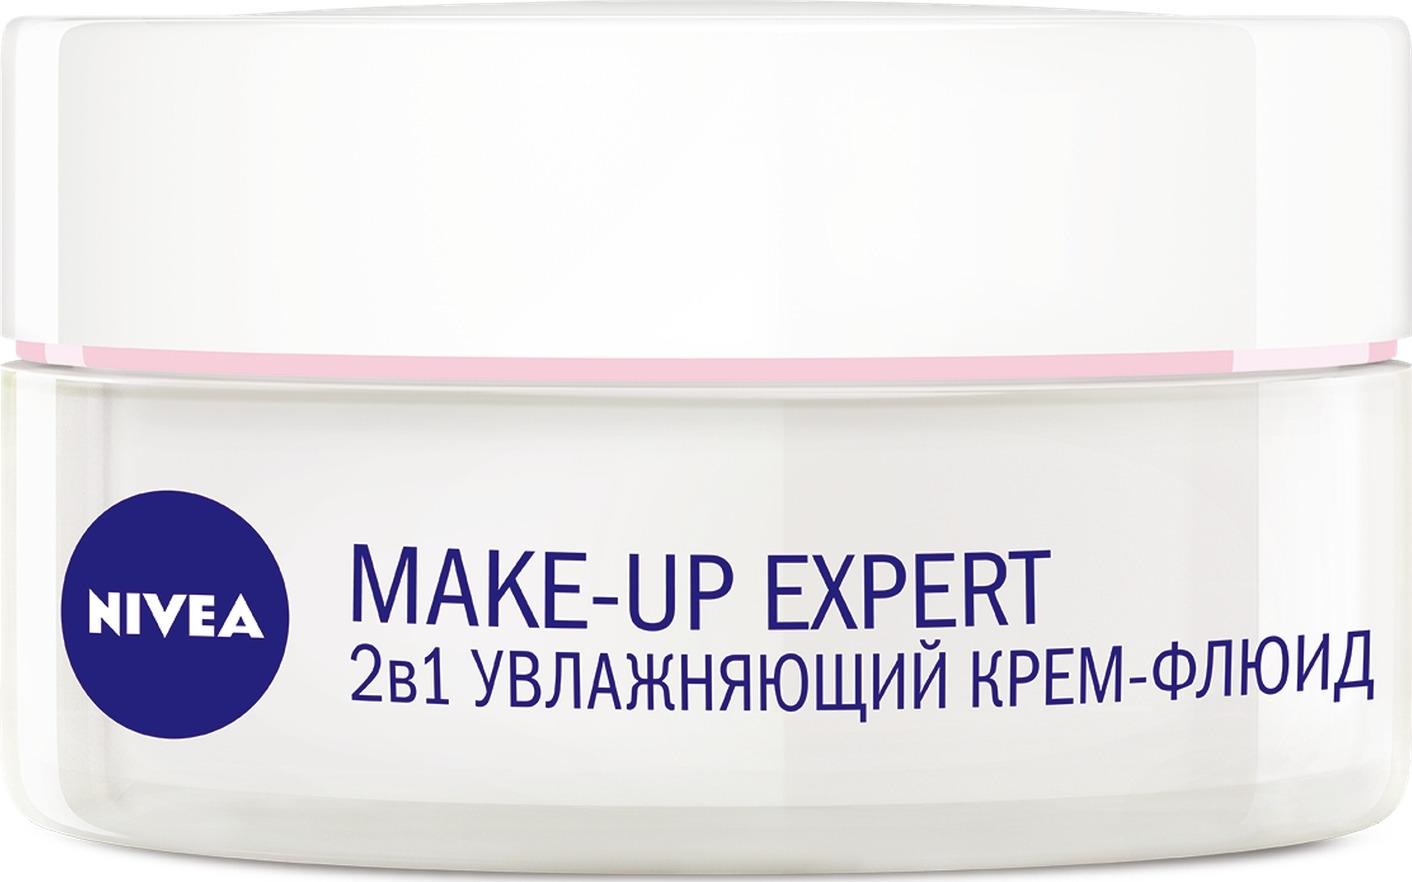 Увлажняющий крем-флюид Nivea MAKE-UP EXPERT 2в1, для сухой и чувствительной кожи, 50 мл